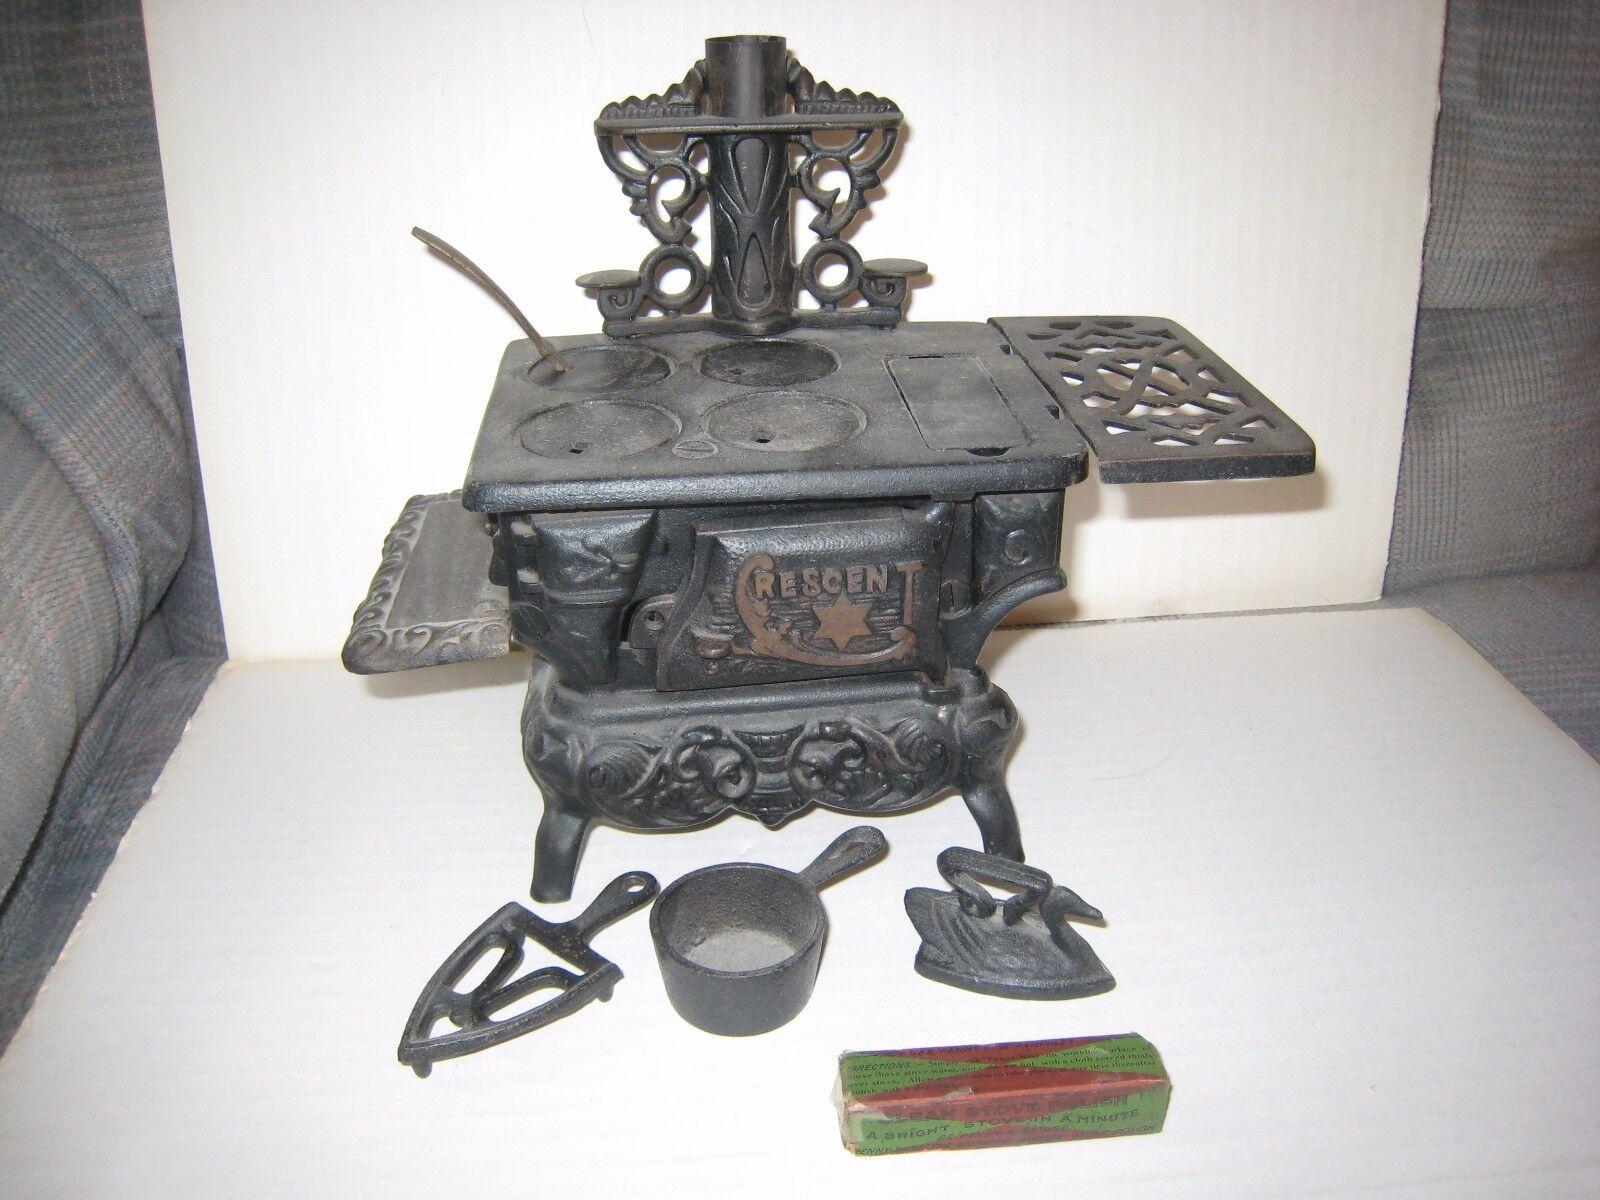 Cajas pulidoras y accesorios para hornos mini mini mini - lunares de hierro fundido de juguetes antiguos. 95b